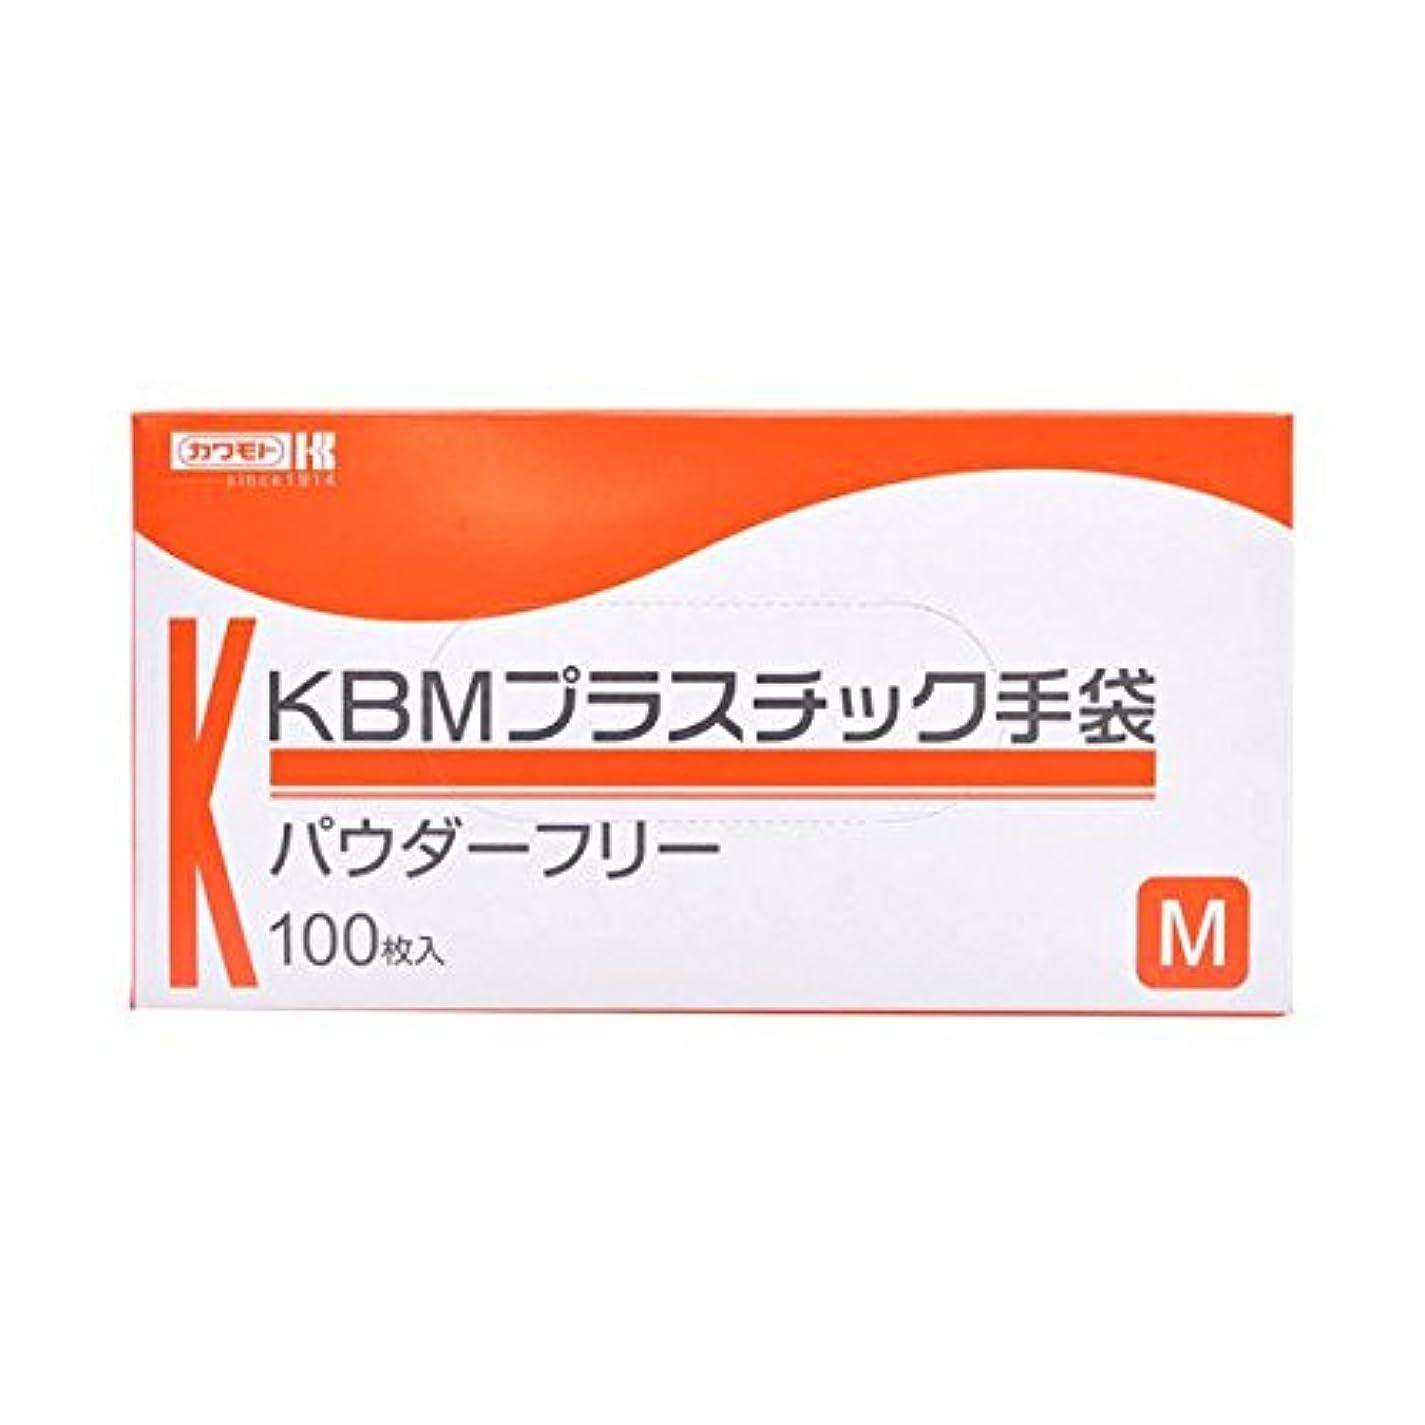 パフ作成するパワーセル川本産業 KBMプラスチック手袋 パウダーフリー M 100枚入 ×3個